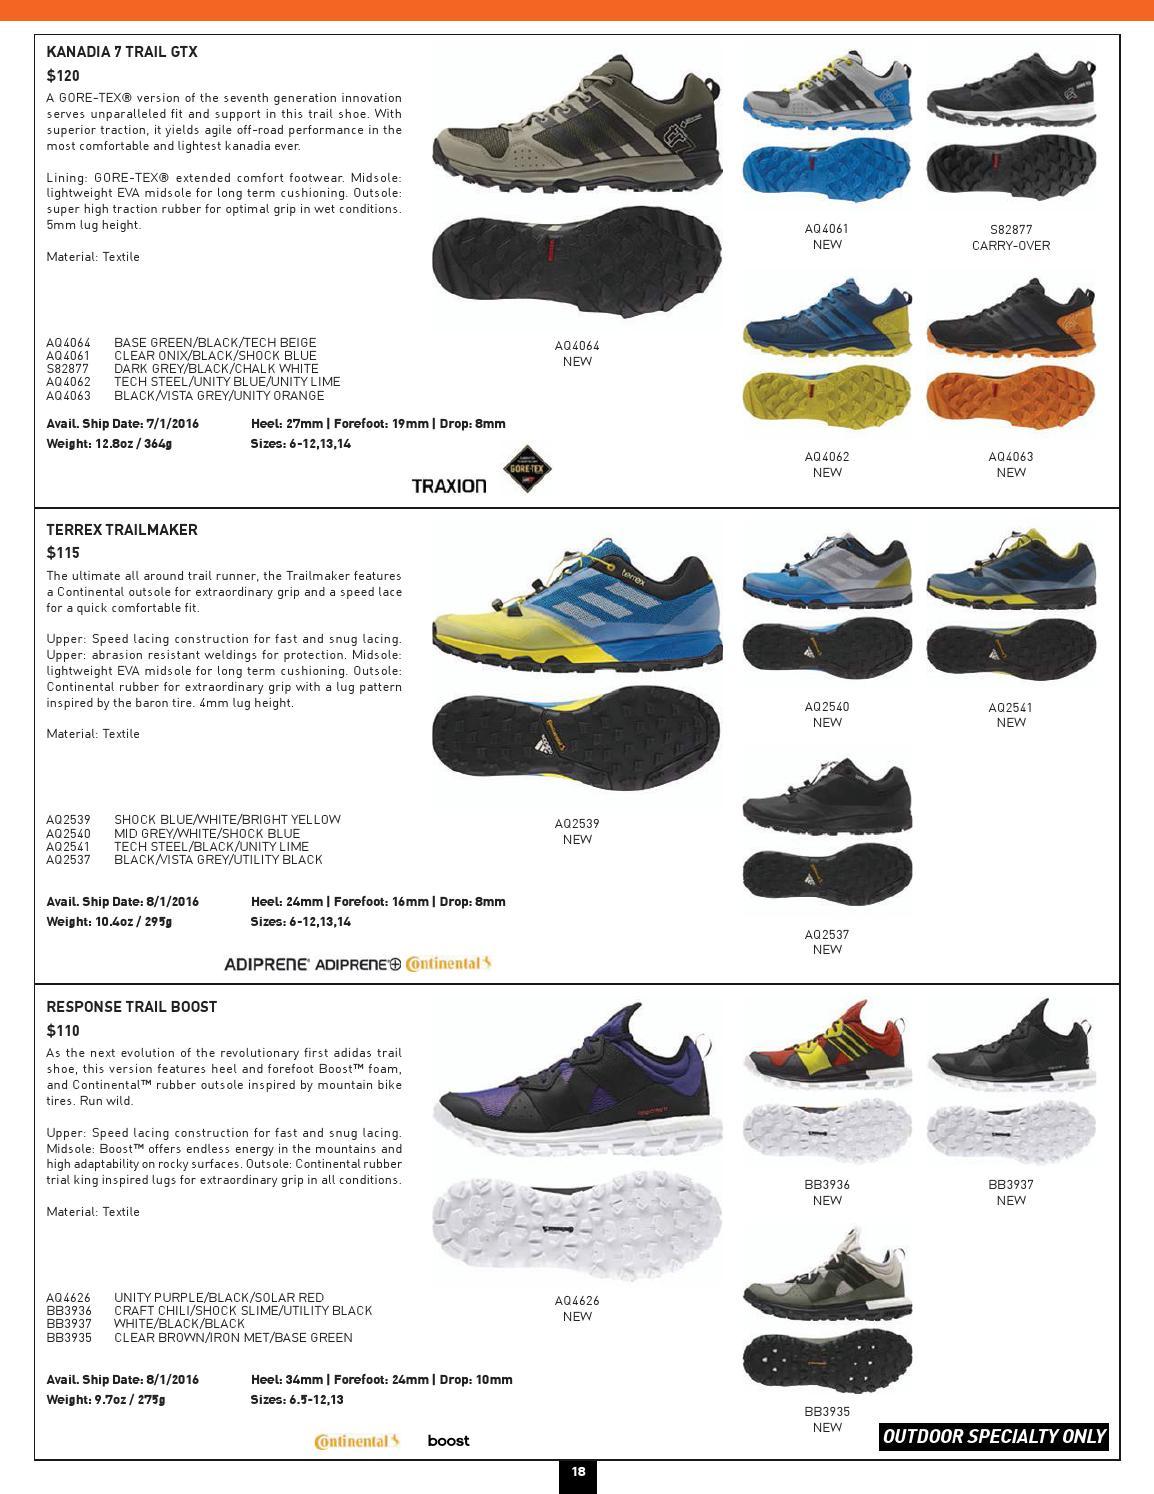 Adidas 2016 by Daniel Ryan Snell issuu